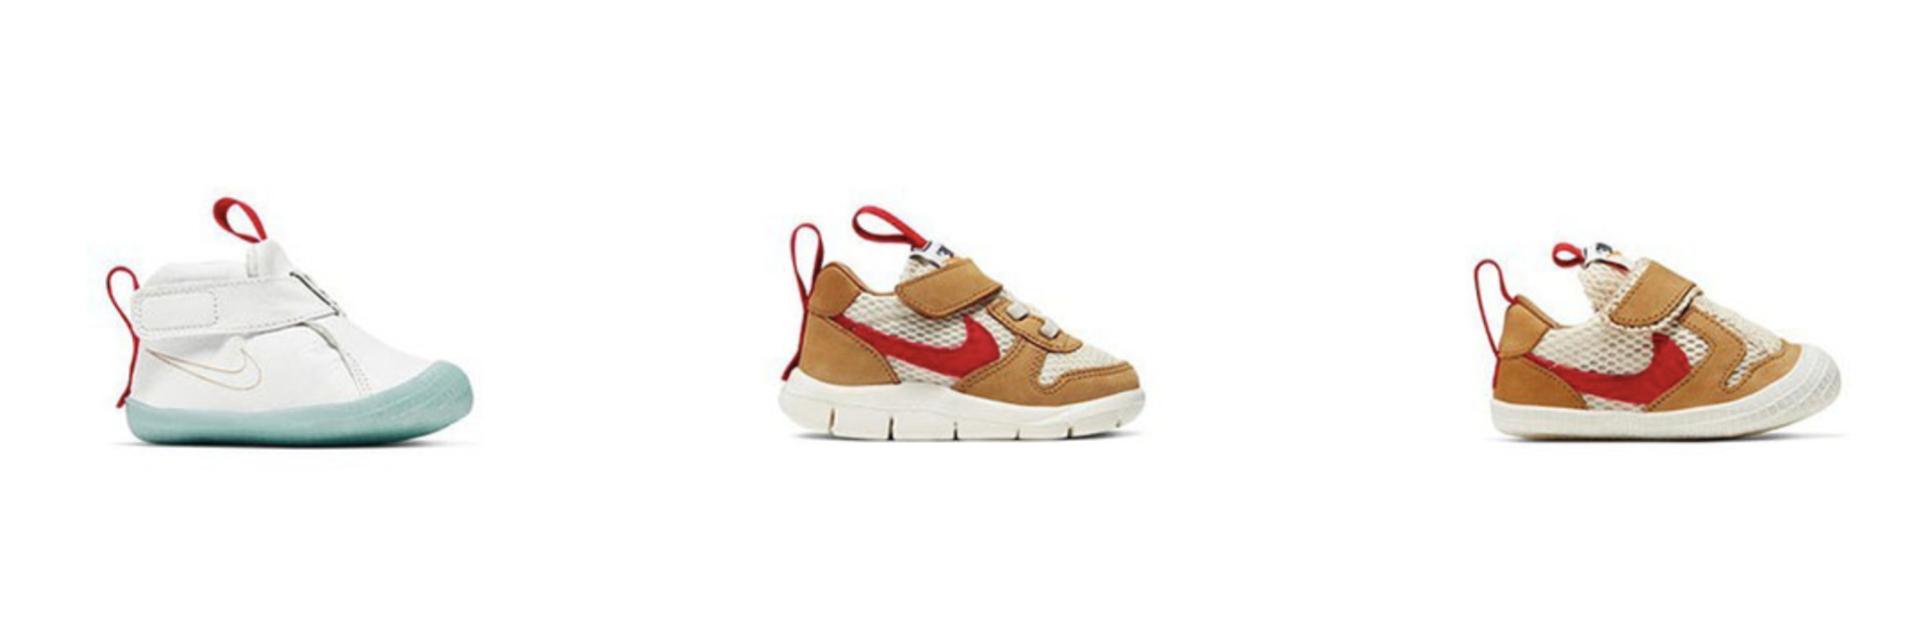 神鞋也出兒童版?Tom Sachs x Nike Mars Yard 系列童鞋正式發佈